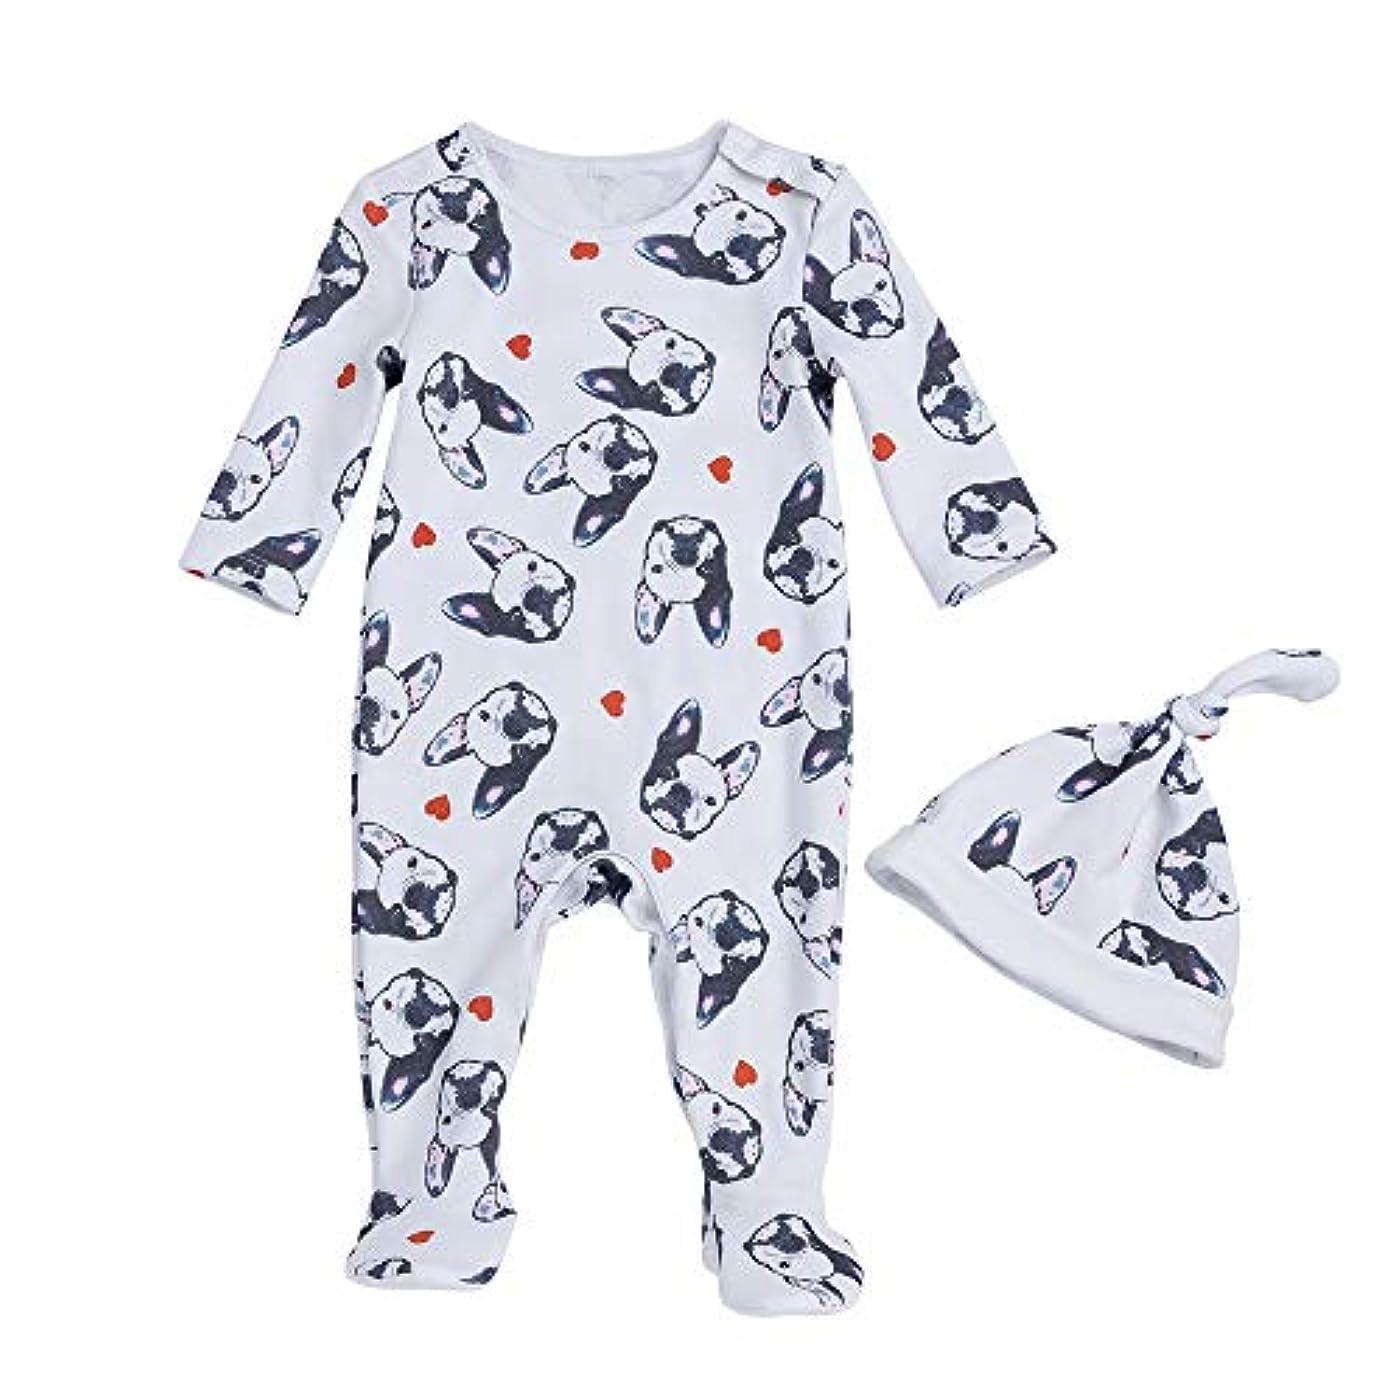 ビヨン倫理塩Liyukee - 赤ちゃん暖かいロンパー、帽子、ジャンプスーツの服下着セット秋の服ホームコスチューム0-24ヶ月に適して新生児の幼児少女 (3-6m)